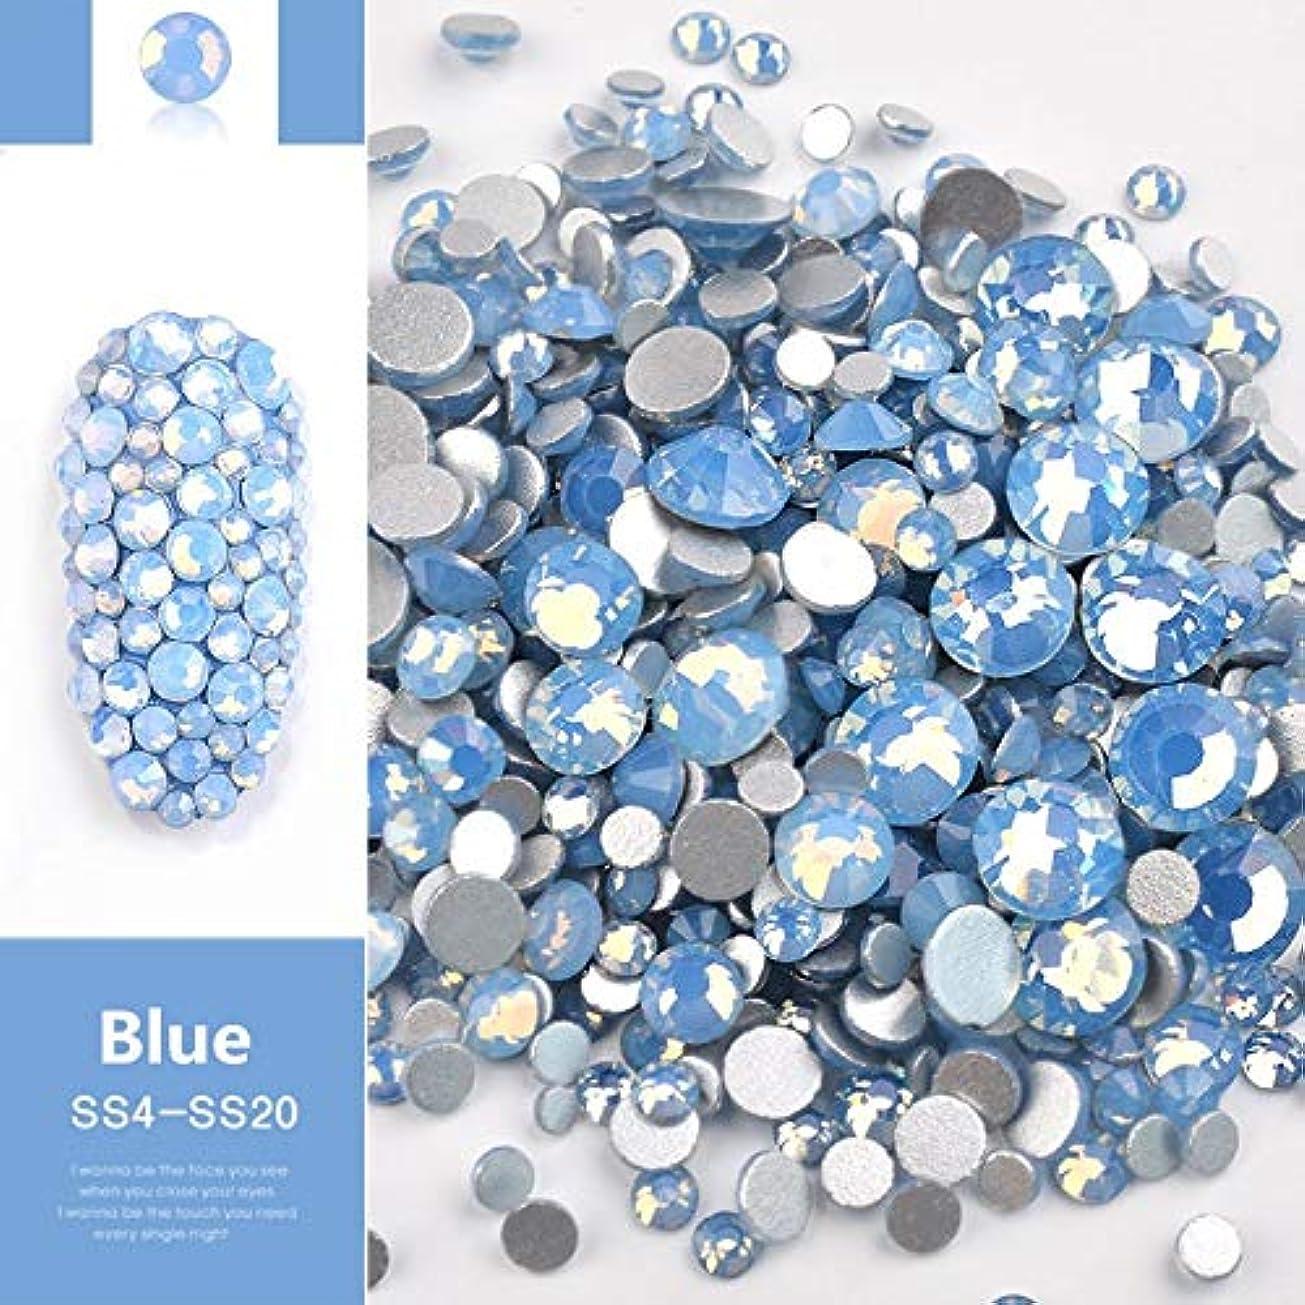 インスタントつま先香ばしいJiaoran ビーズ樹脂クリスタルラウンドネイルアートミックスフラットバックアクリルラインストーンミックスサイズ1.5-4.5 mm装飾用ネイル (Color : Blue)